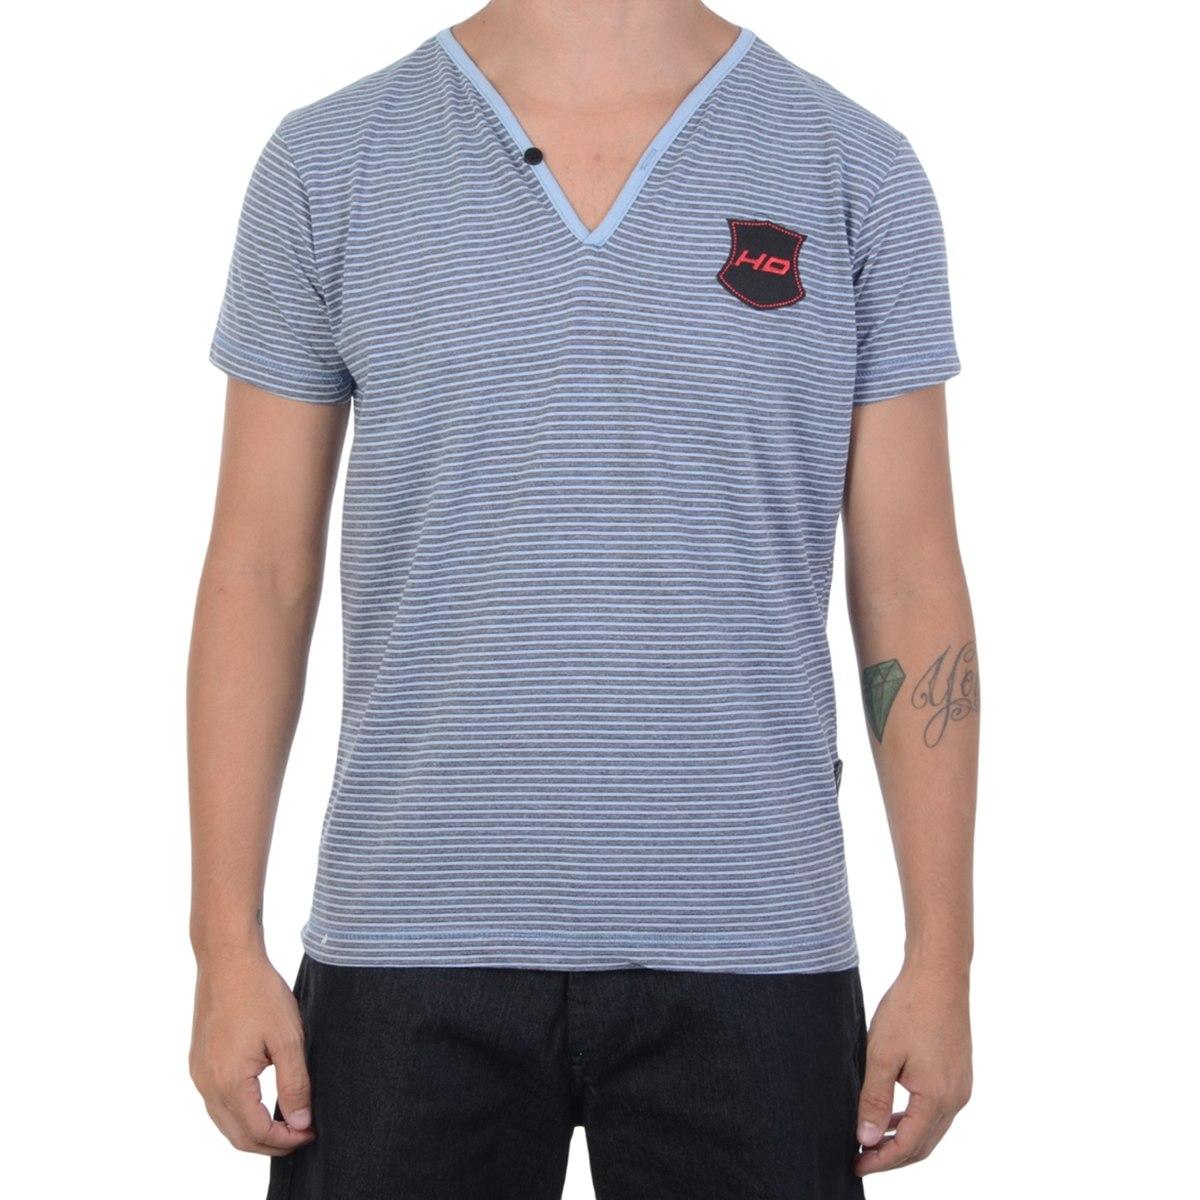 camiseta masculina hd especial patch. Carregando zoom. 0c4b0dcbf01e6